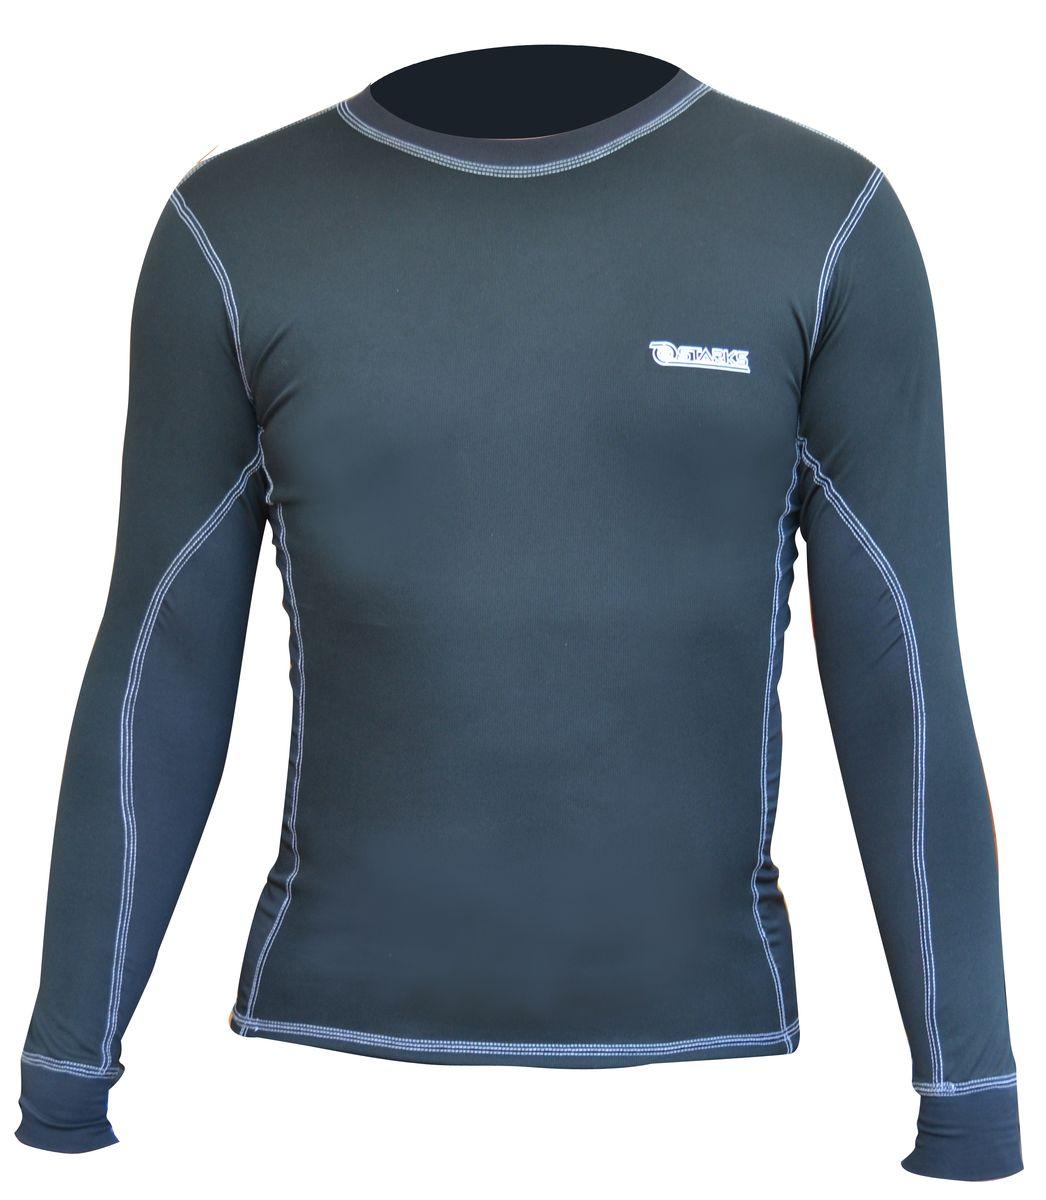 Термобелье кофта Starks Coolmax, летняя, охлаждающая, цвет: черный. Размер XLone116Анатомическое комбинированное термобелье, выполнено из сертифицированной ткани CoolMax.Повторение анатомии человеческого тела. Обеспечивает хорошую терморегуляцию тела, отводит влагу, оставляя тело сухим. Вставки из ткани CoolMax Extremeдля мест, подверженных наибольшей потливости (подмышки, локтевой сгиб руки, паховая область). Технология плоских швов. Белье предназначено для активных физических нагрузок.Особенности:Сохраняет ваше тело сухим.Эластичные, мягкие плоские швыОтличные влагоотводящиесвойстваГипоаллергенно